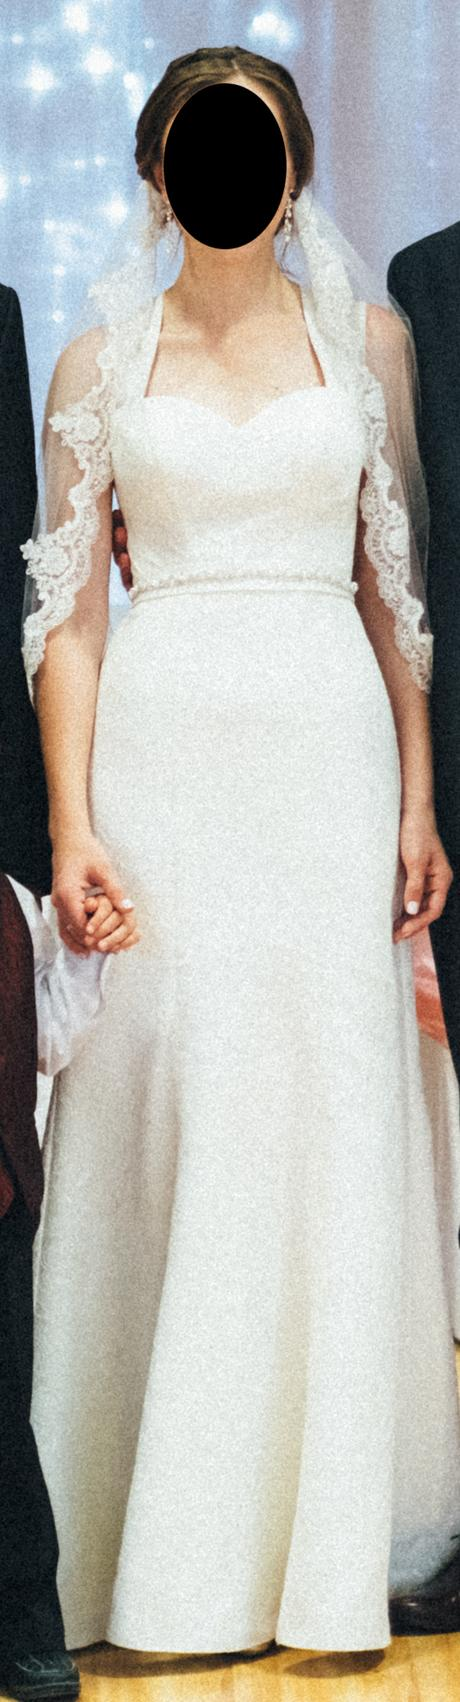 Elegantné svadobné šaty strihu morskej panny - Obrázok č. 1